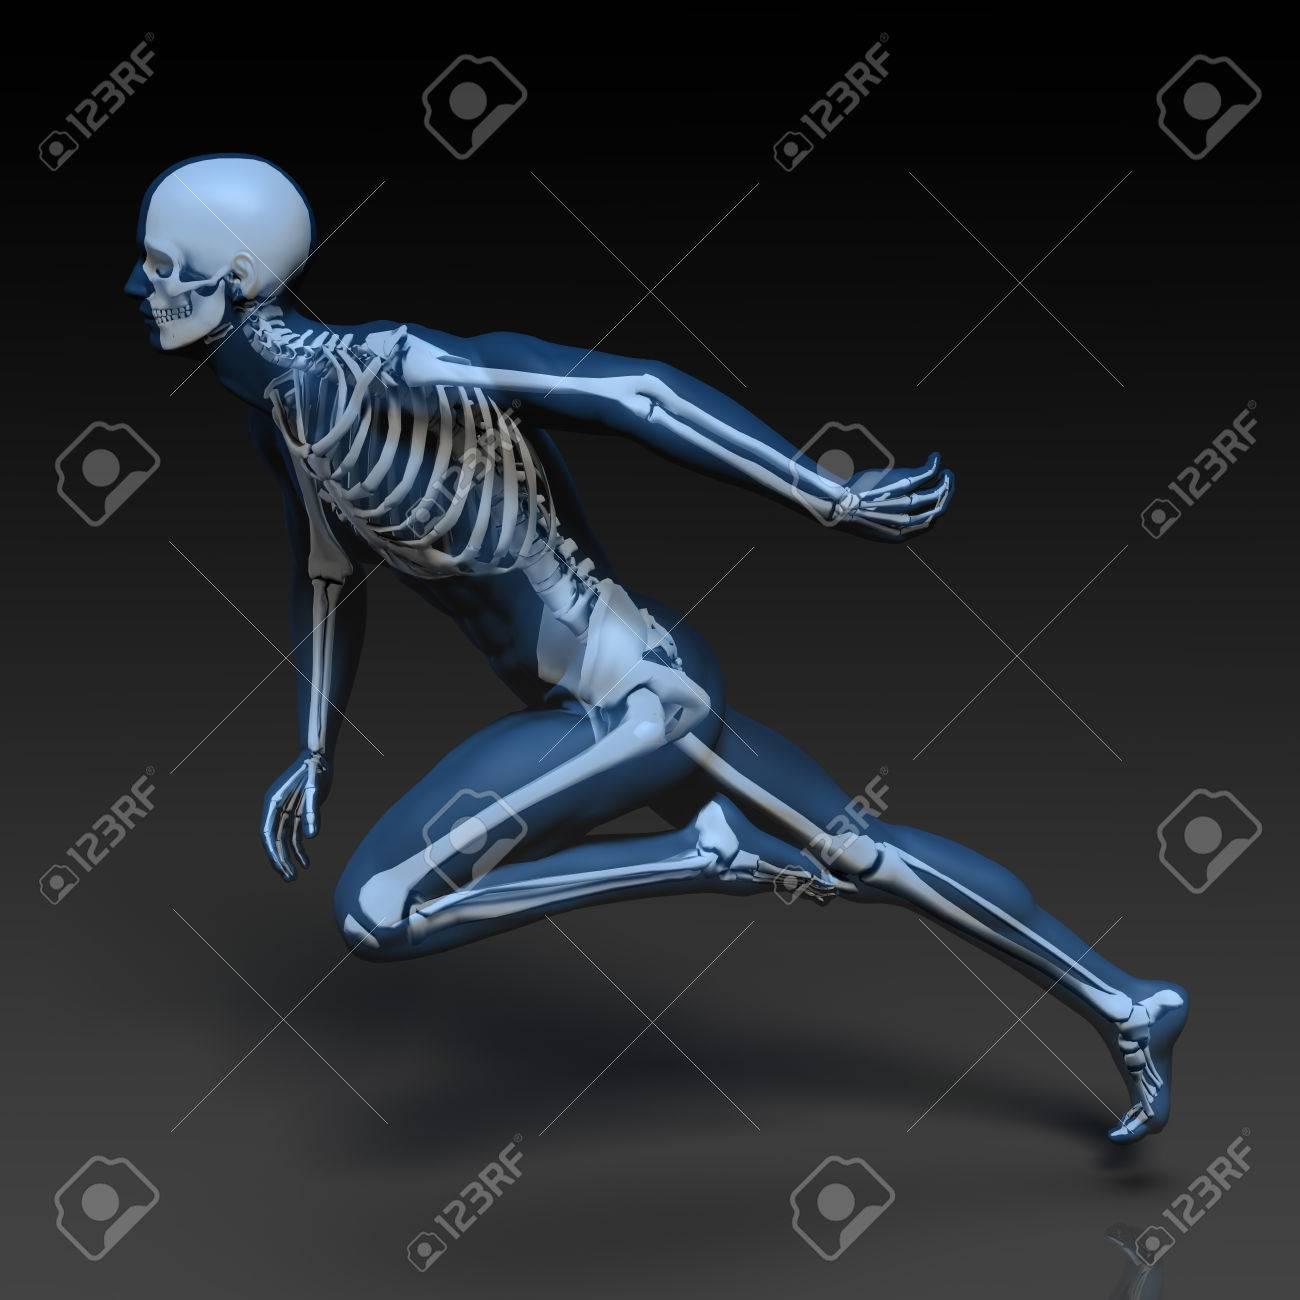 Estructura ósea Humana Diagrama De Azul Y Negro Fotos, Retratos ...